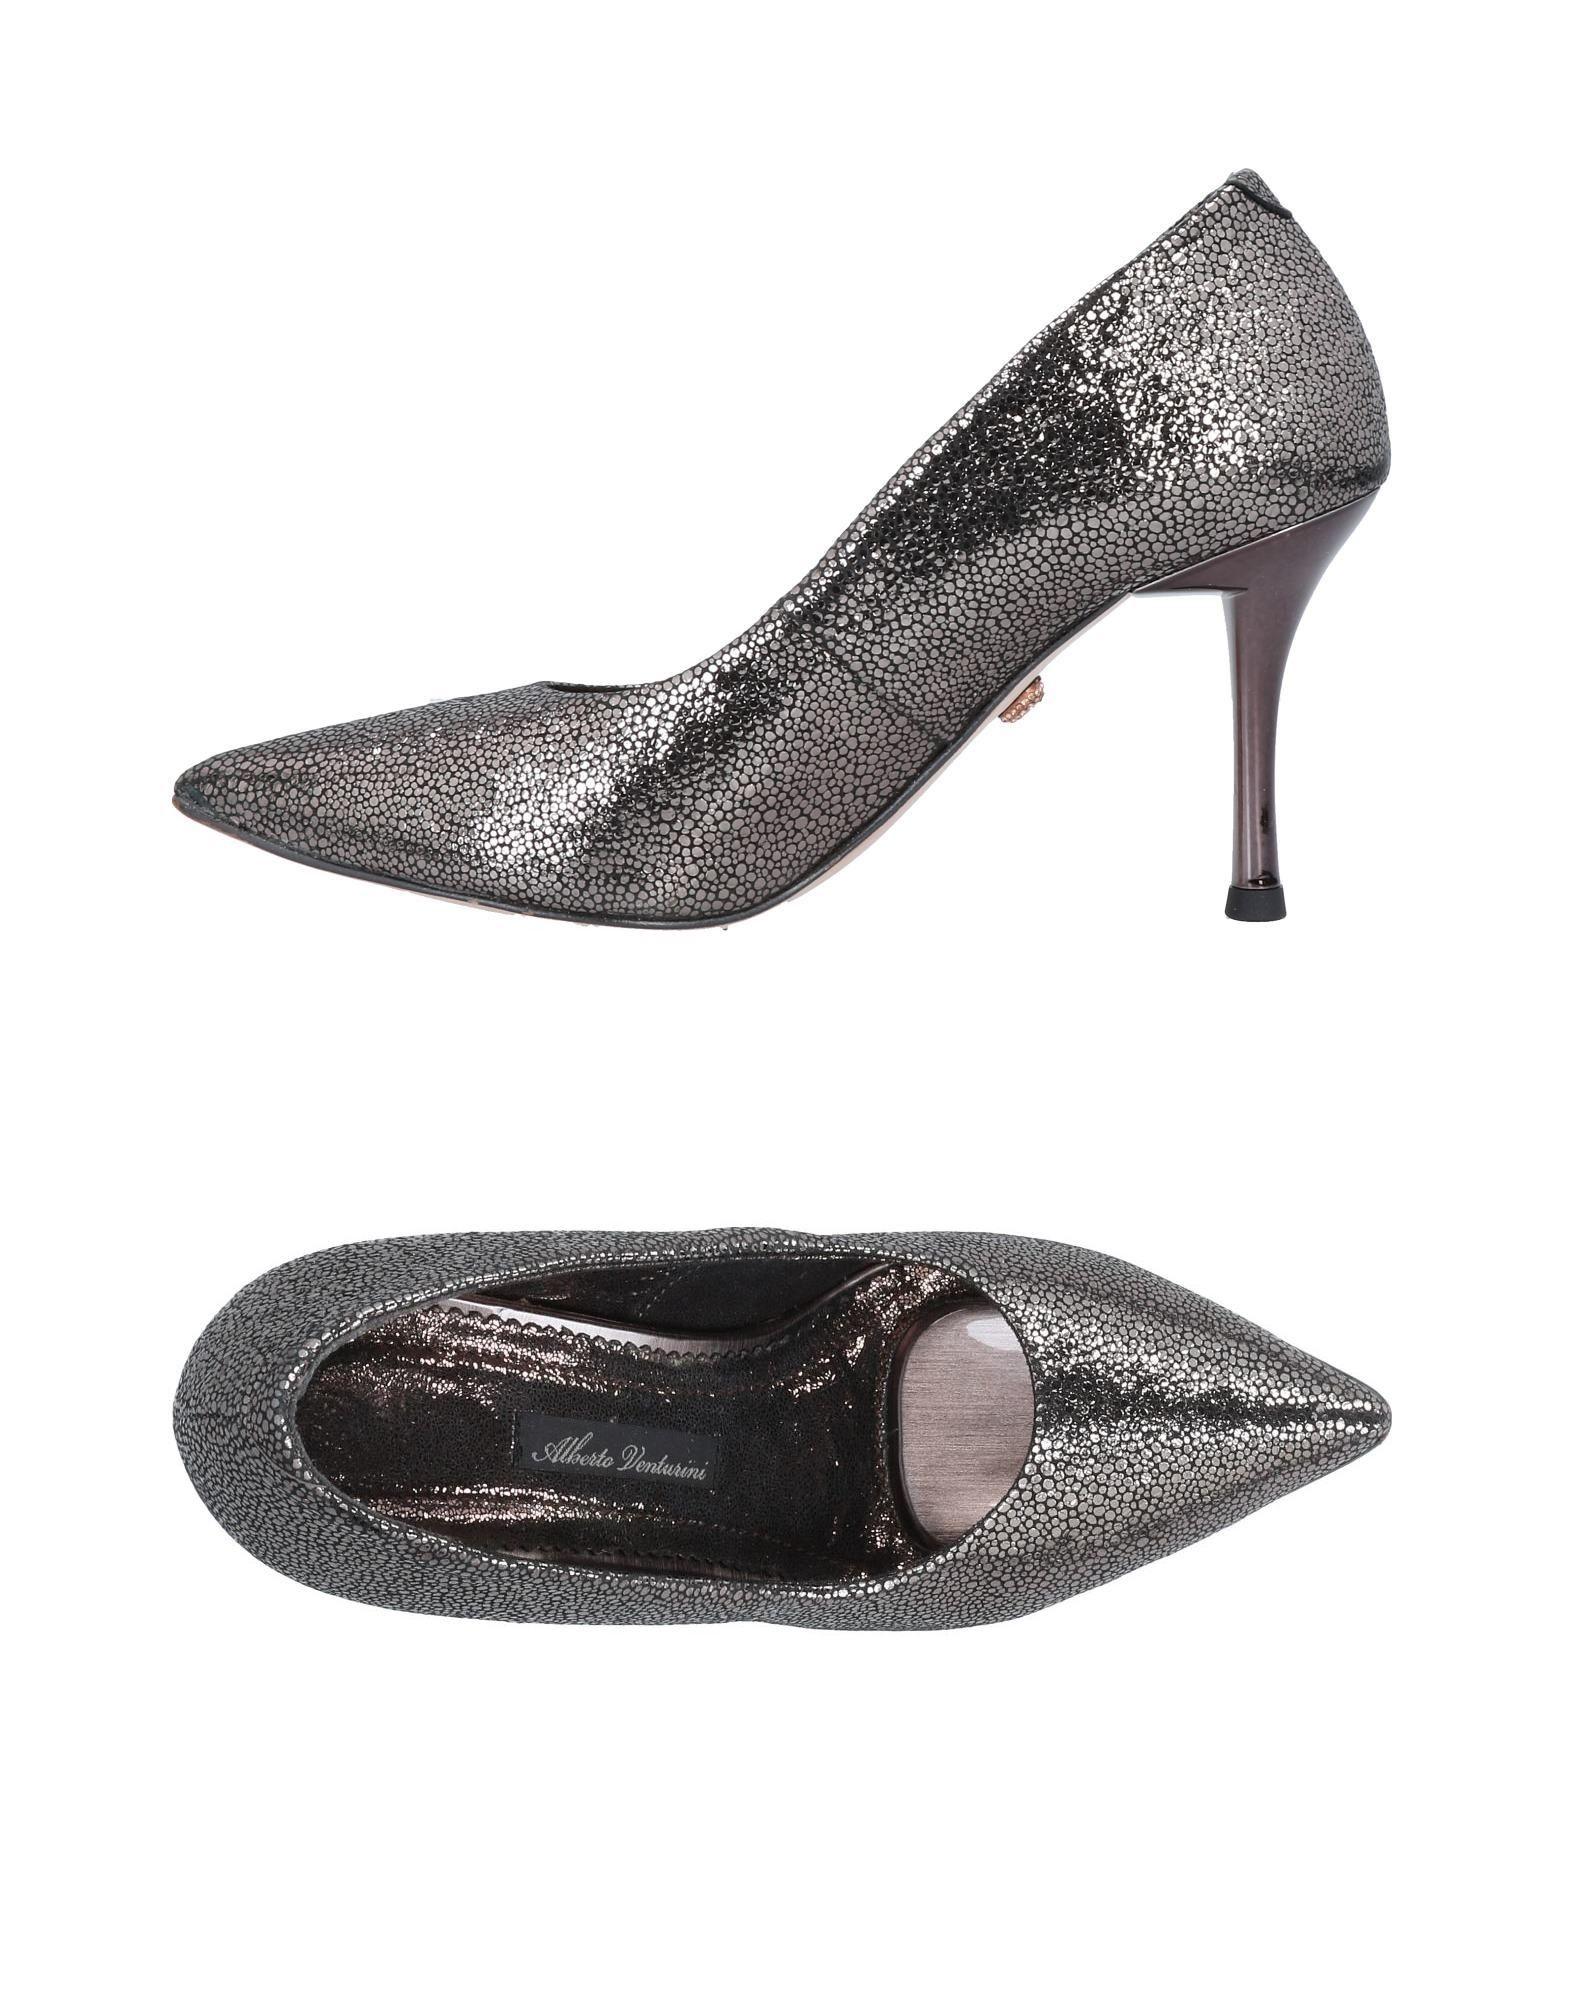 Stilvolle Pumps billige Schuhe Alberto Venturini Pumps Stilvolle Damen  11485918OH 6ce4db